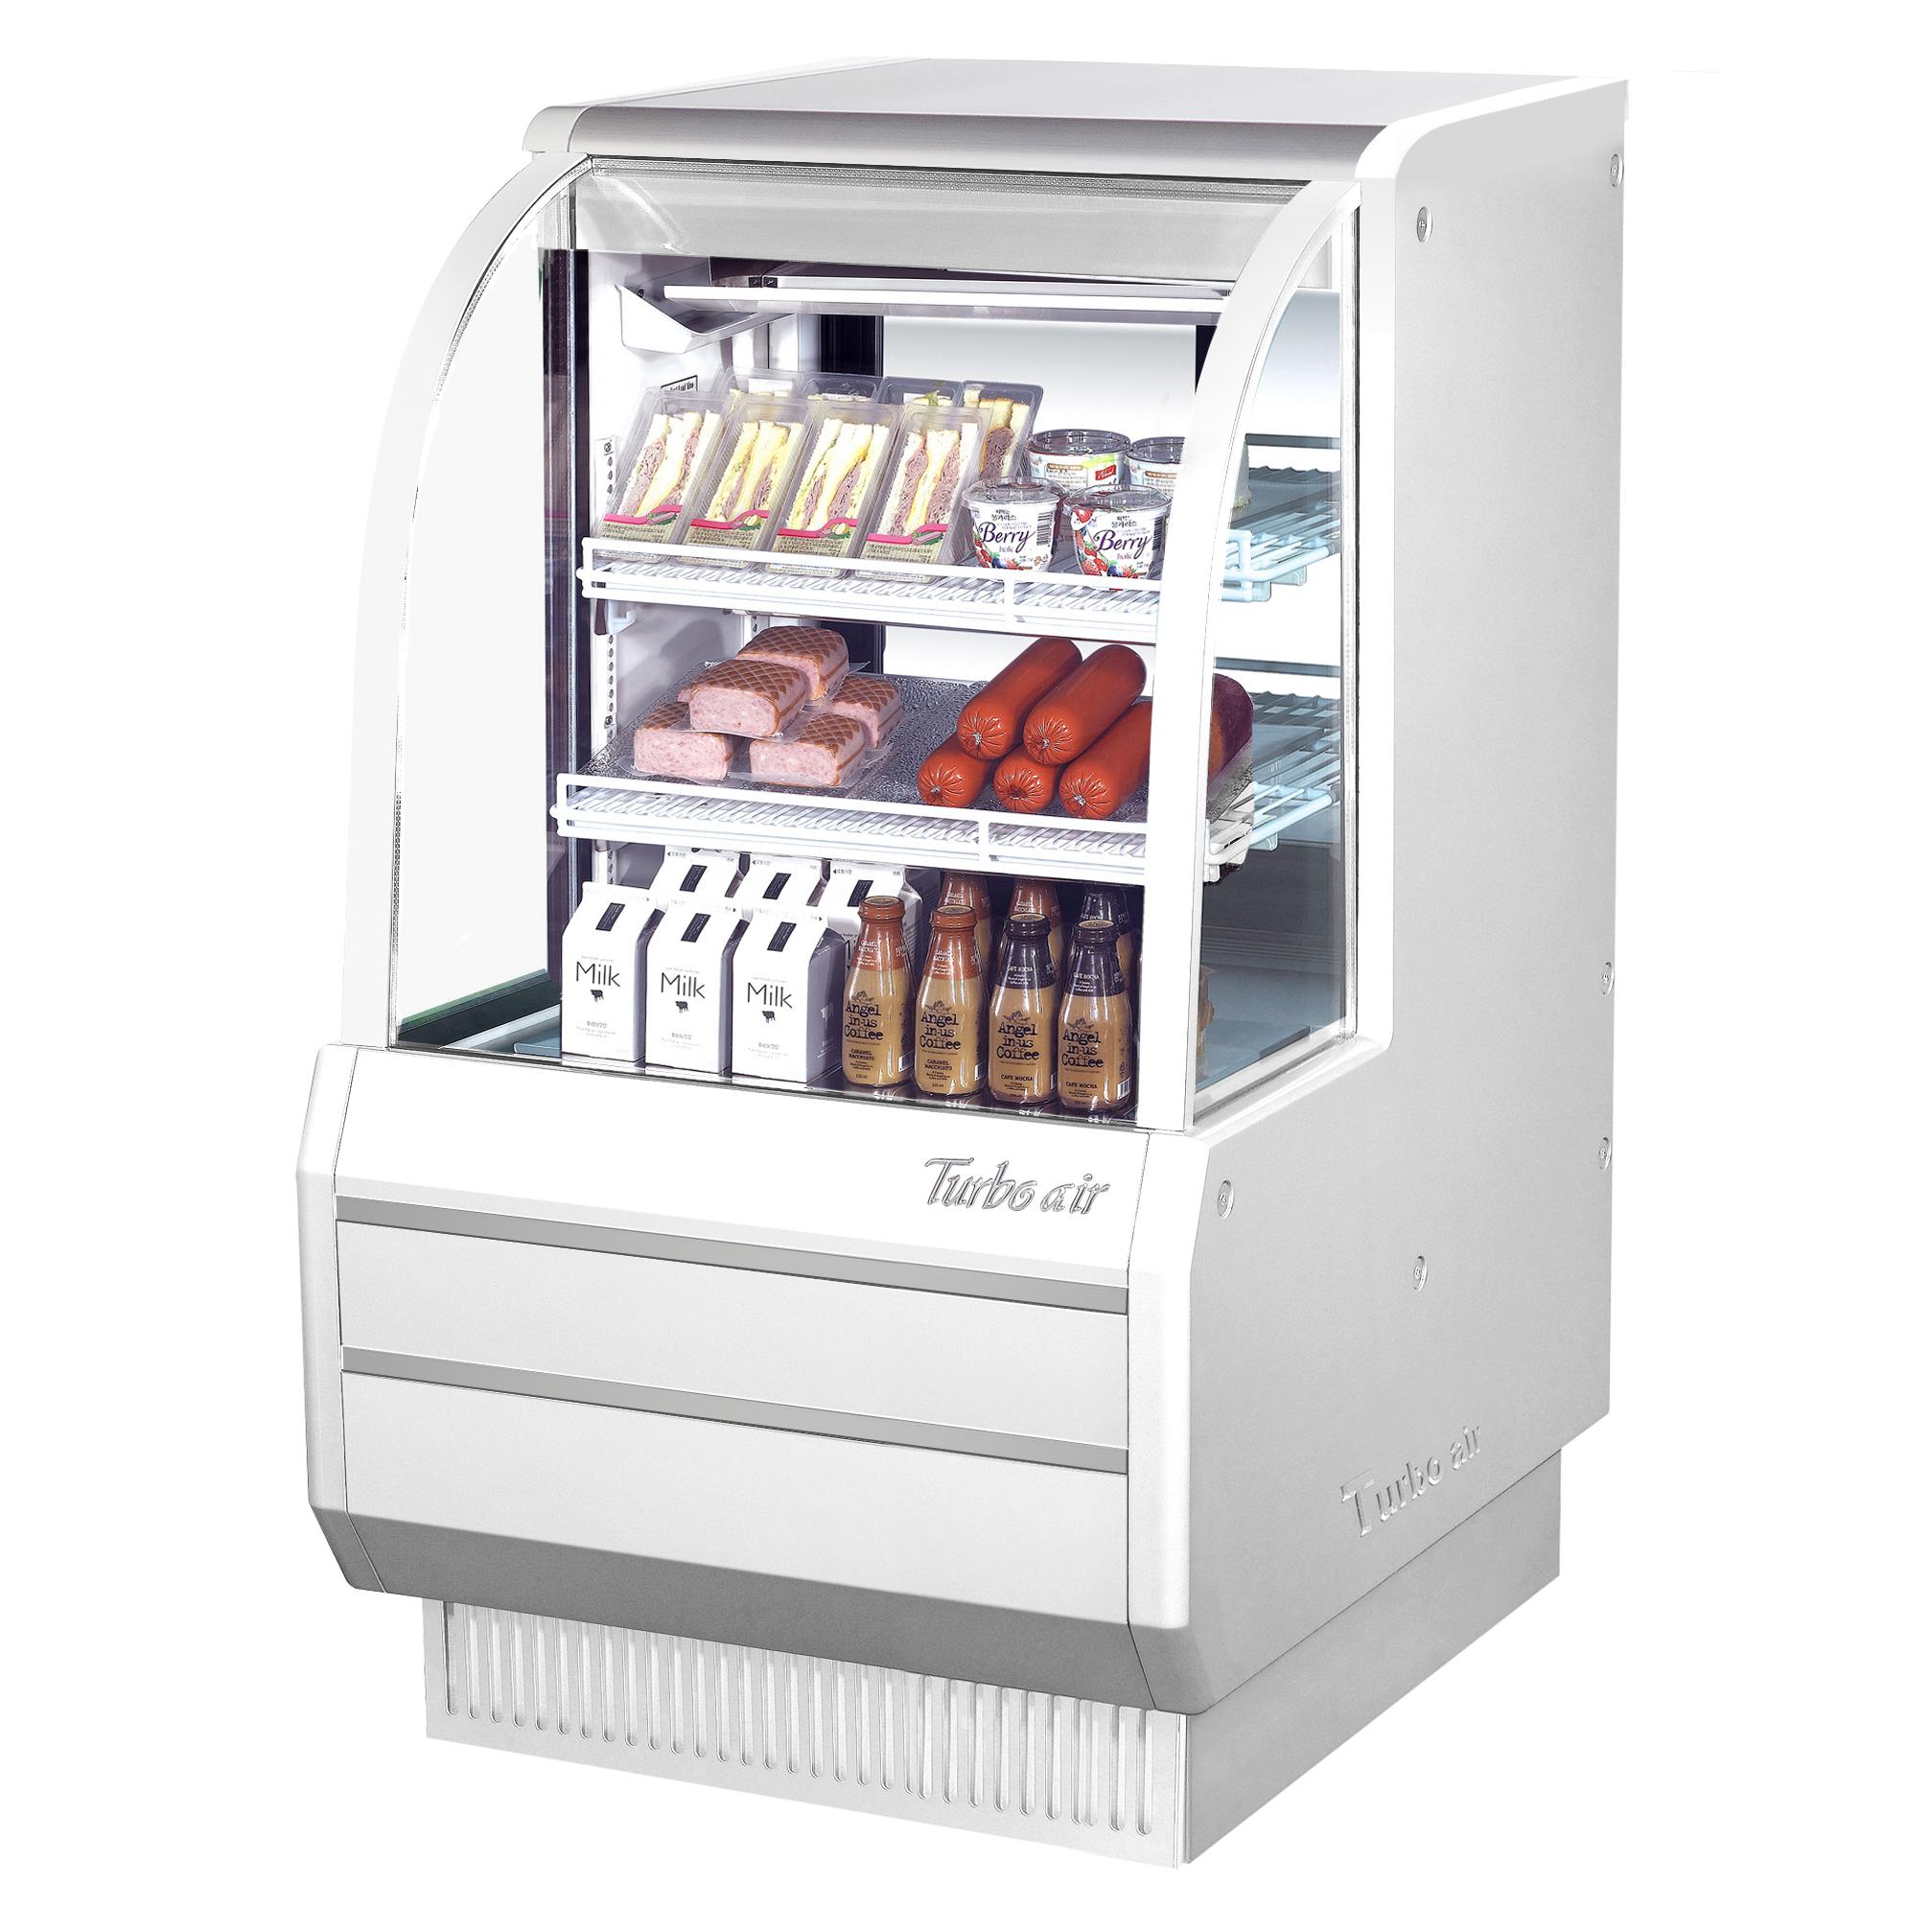 Turbo Air TCDD-36H-W(B)-N display case, refrigerated deli